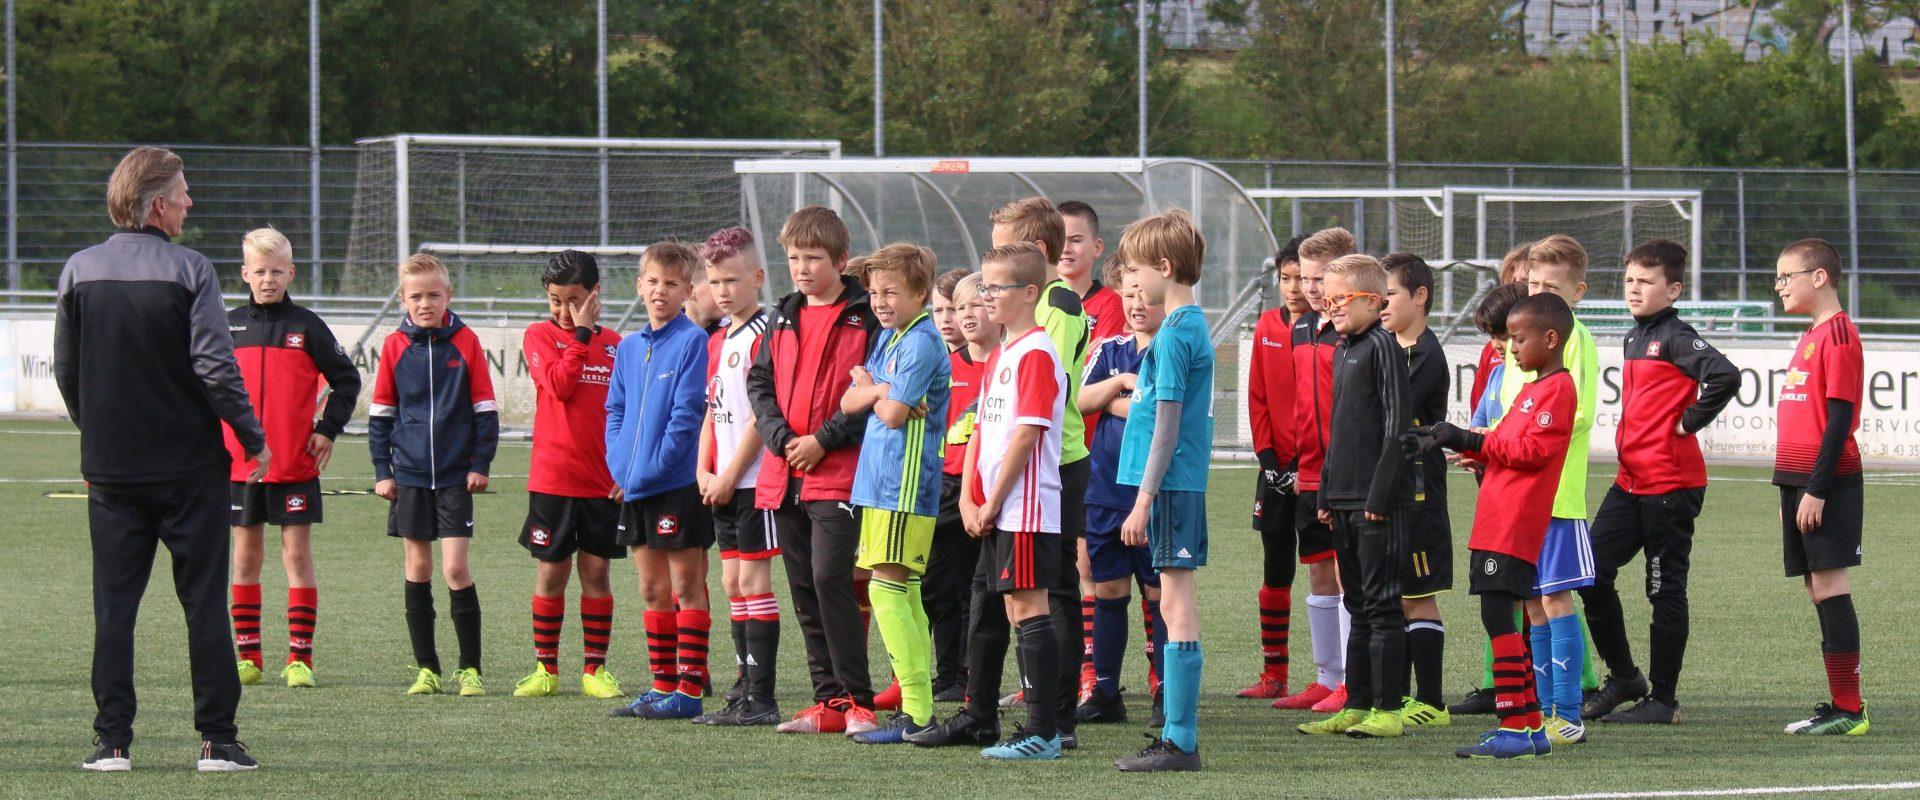 Permalink to: 16 mei 2020: Voetbalclinic JO10-recreatie door trainers ZA1 door Jolanda van het Kaar